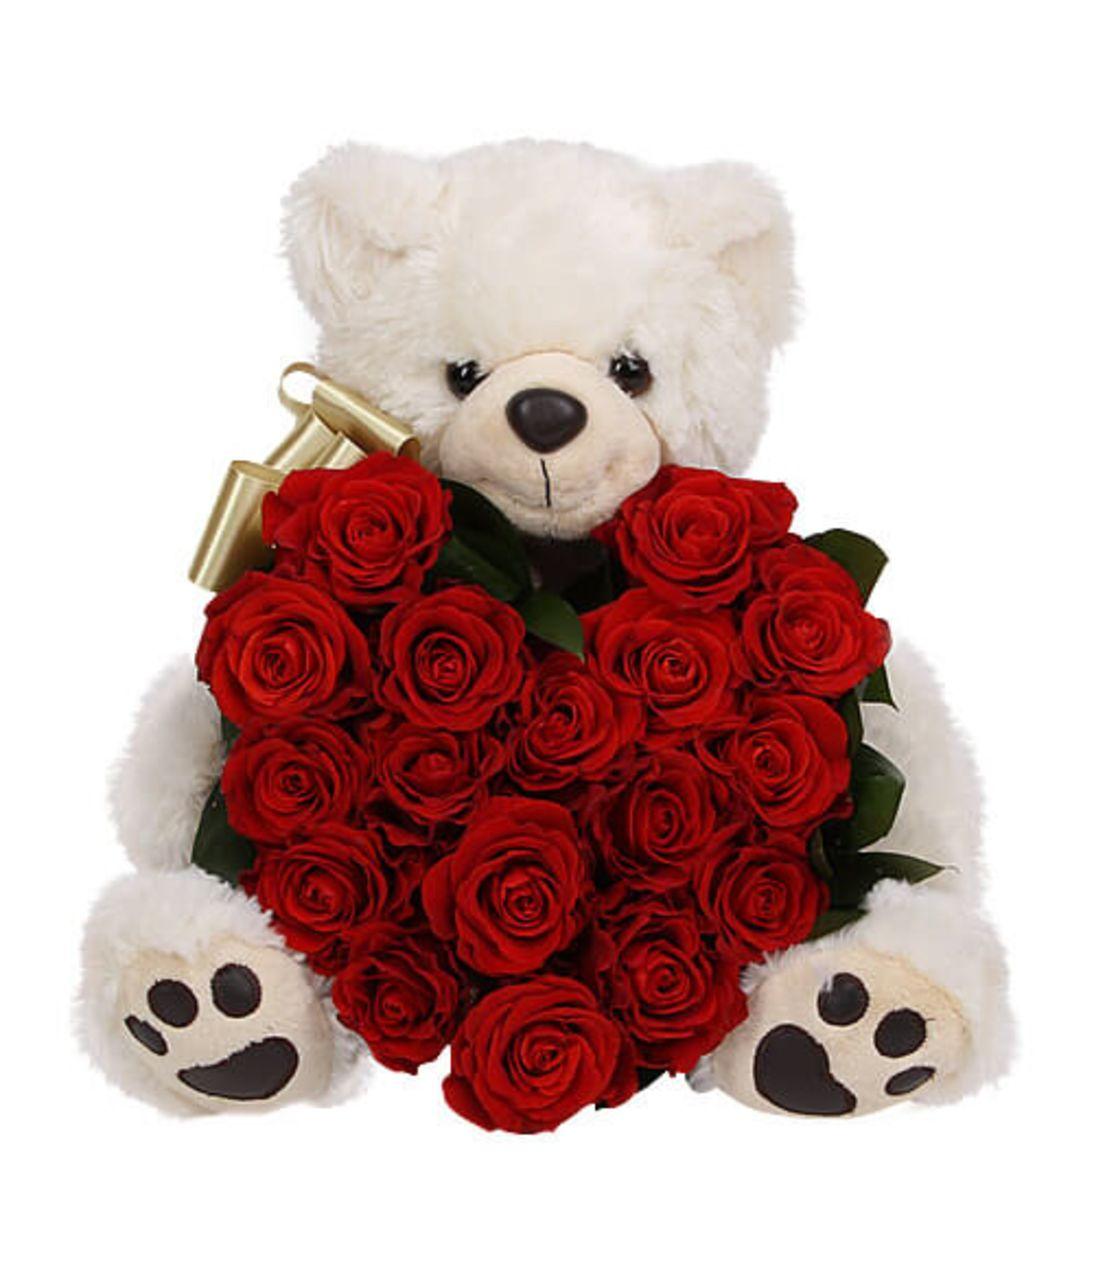 Для тебя. Superflowers.com.ua